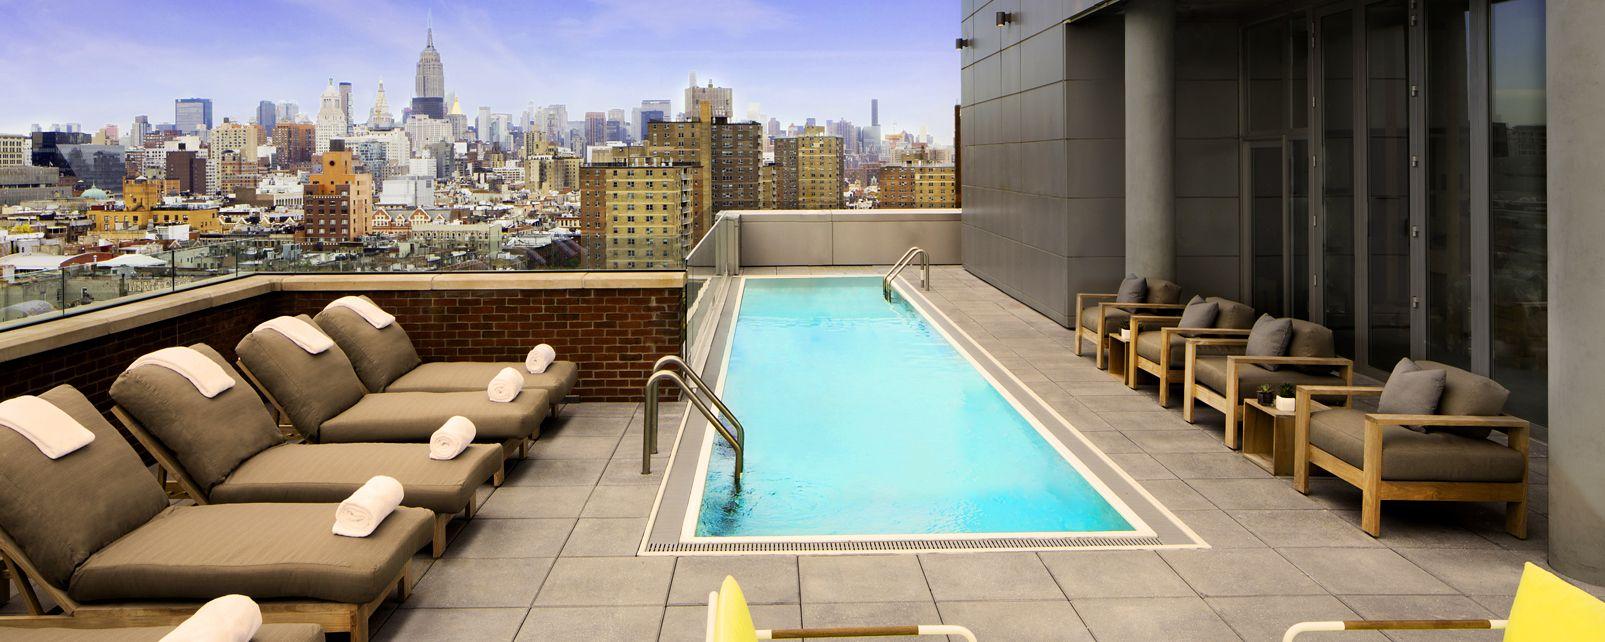 Hôtel Indigo Lower East Side